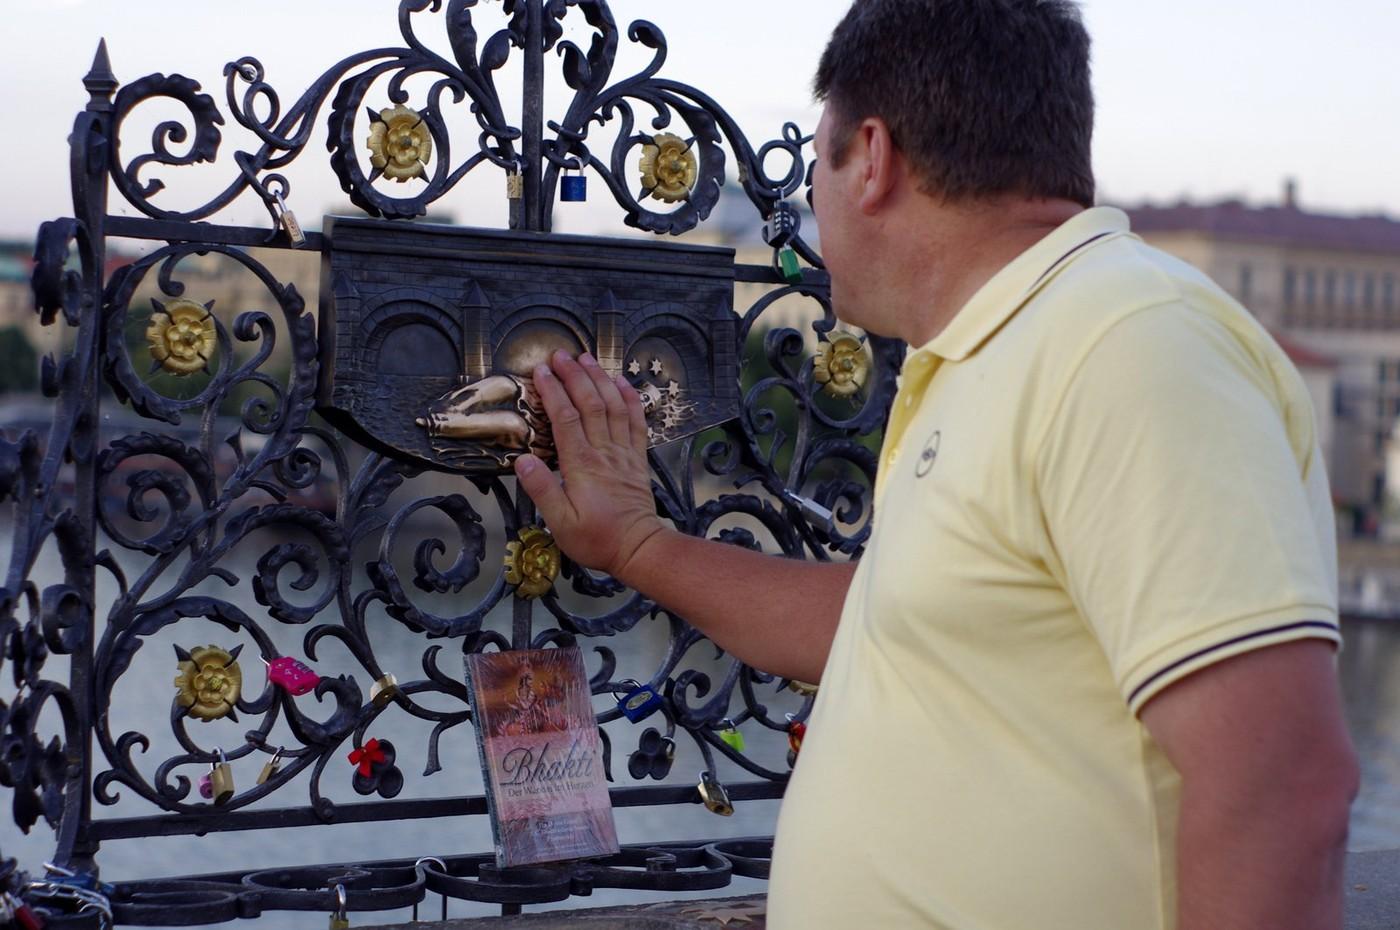 Jak vidno, na veřejných místech se vyskytují i knihy do Knihoběžníka nezapojené. U poutního místa na Karlově mostě byla tato v sobotu 4. 8. 2012 dokonce zabalena v igelitu. Snad proto, aby odolala případným přeháňkám